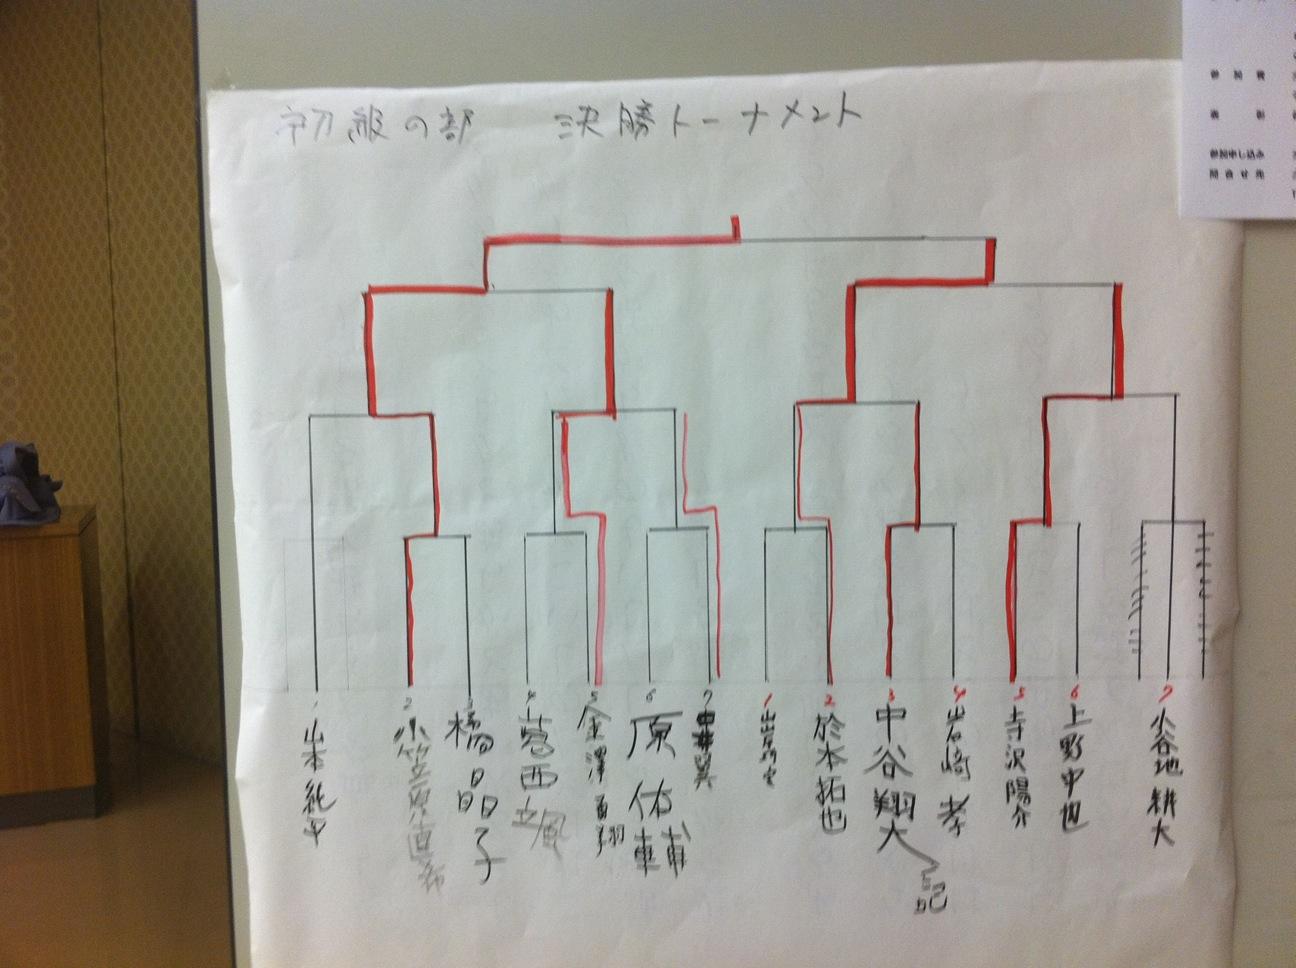 北奥羽子供将棋大会 初級